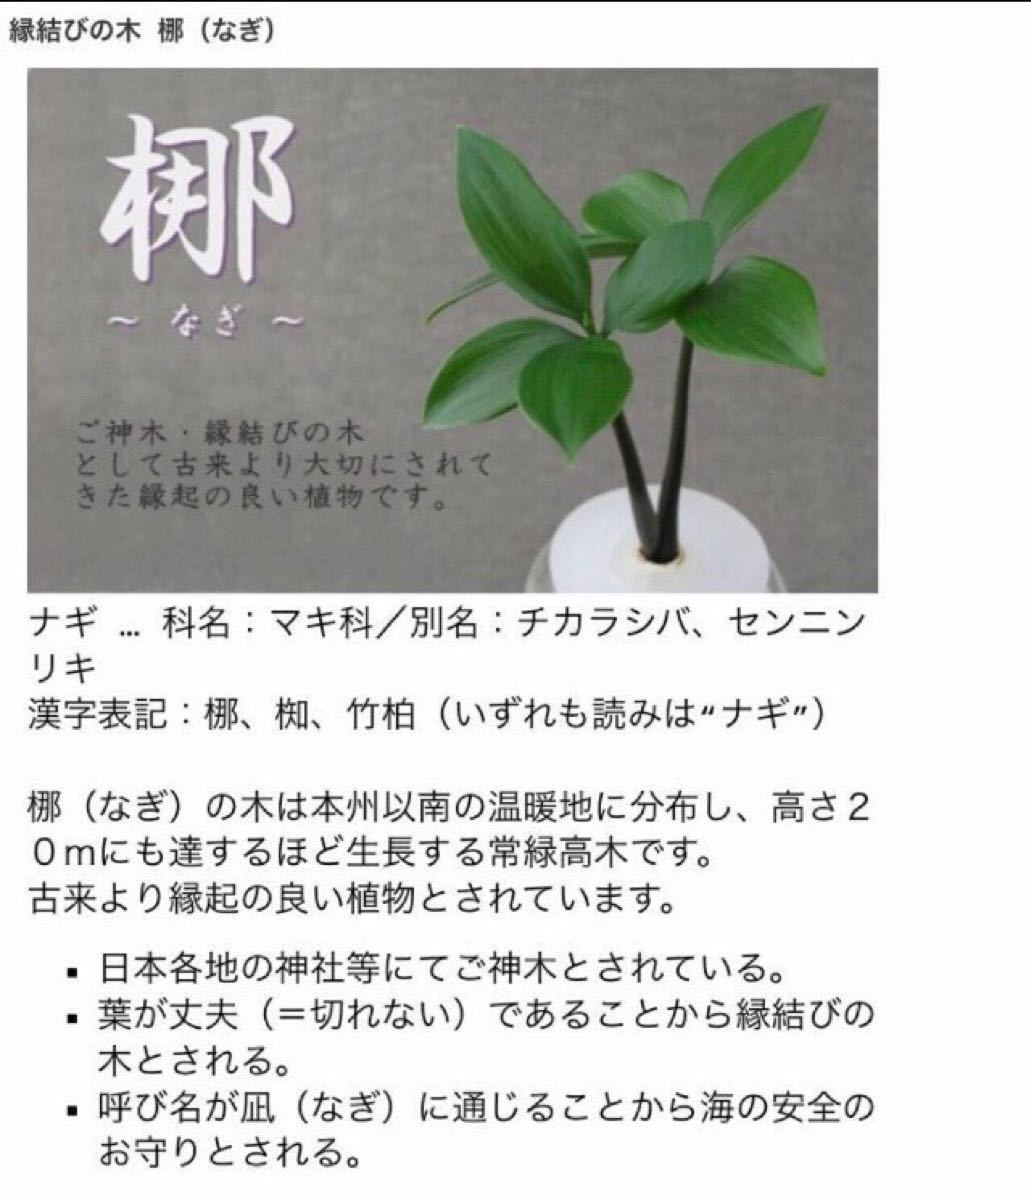 【28】全ての苦難を『なぎ払う』神が宿る木 ナギ 梛の木 美濃焼鉢ピンク